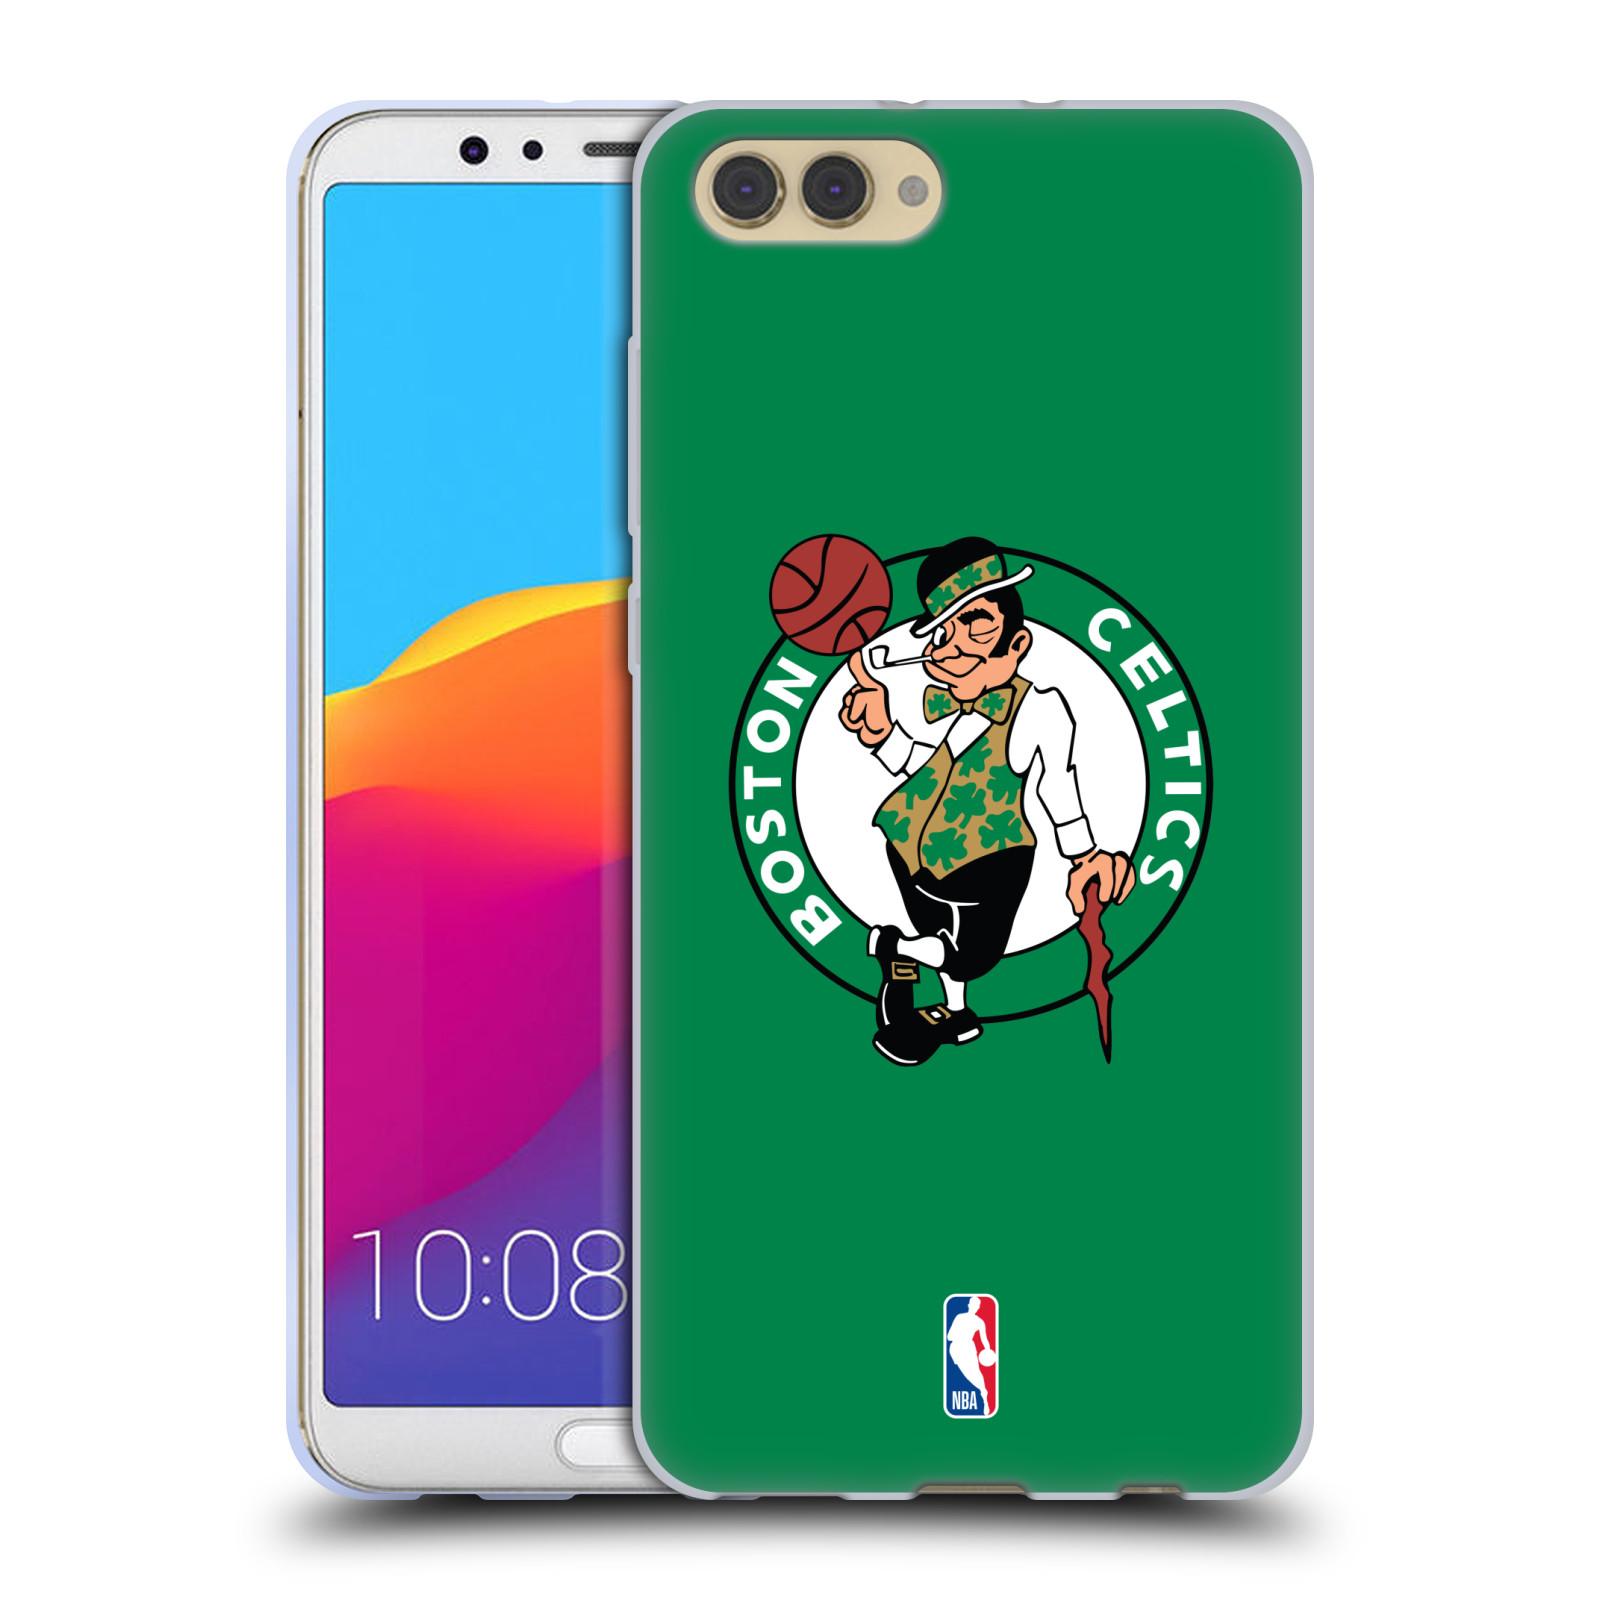 HEAD CASE silikonový obal na mobil Huawei HONOR VIEW 10 / V10 NBA Basketbalový klub Boston Celtics zelené pozadí logo barevné